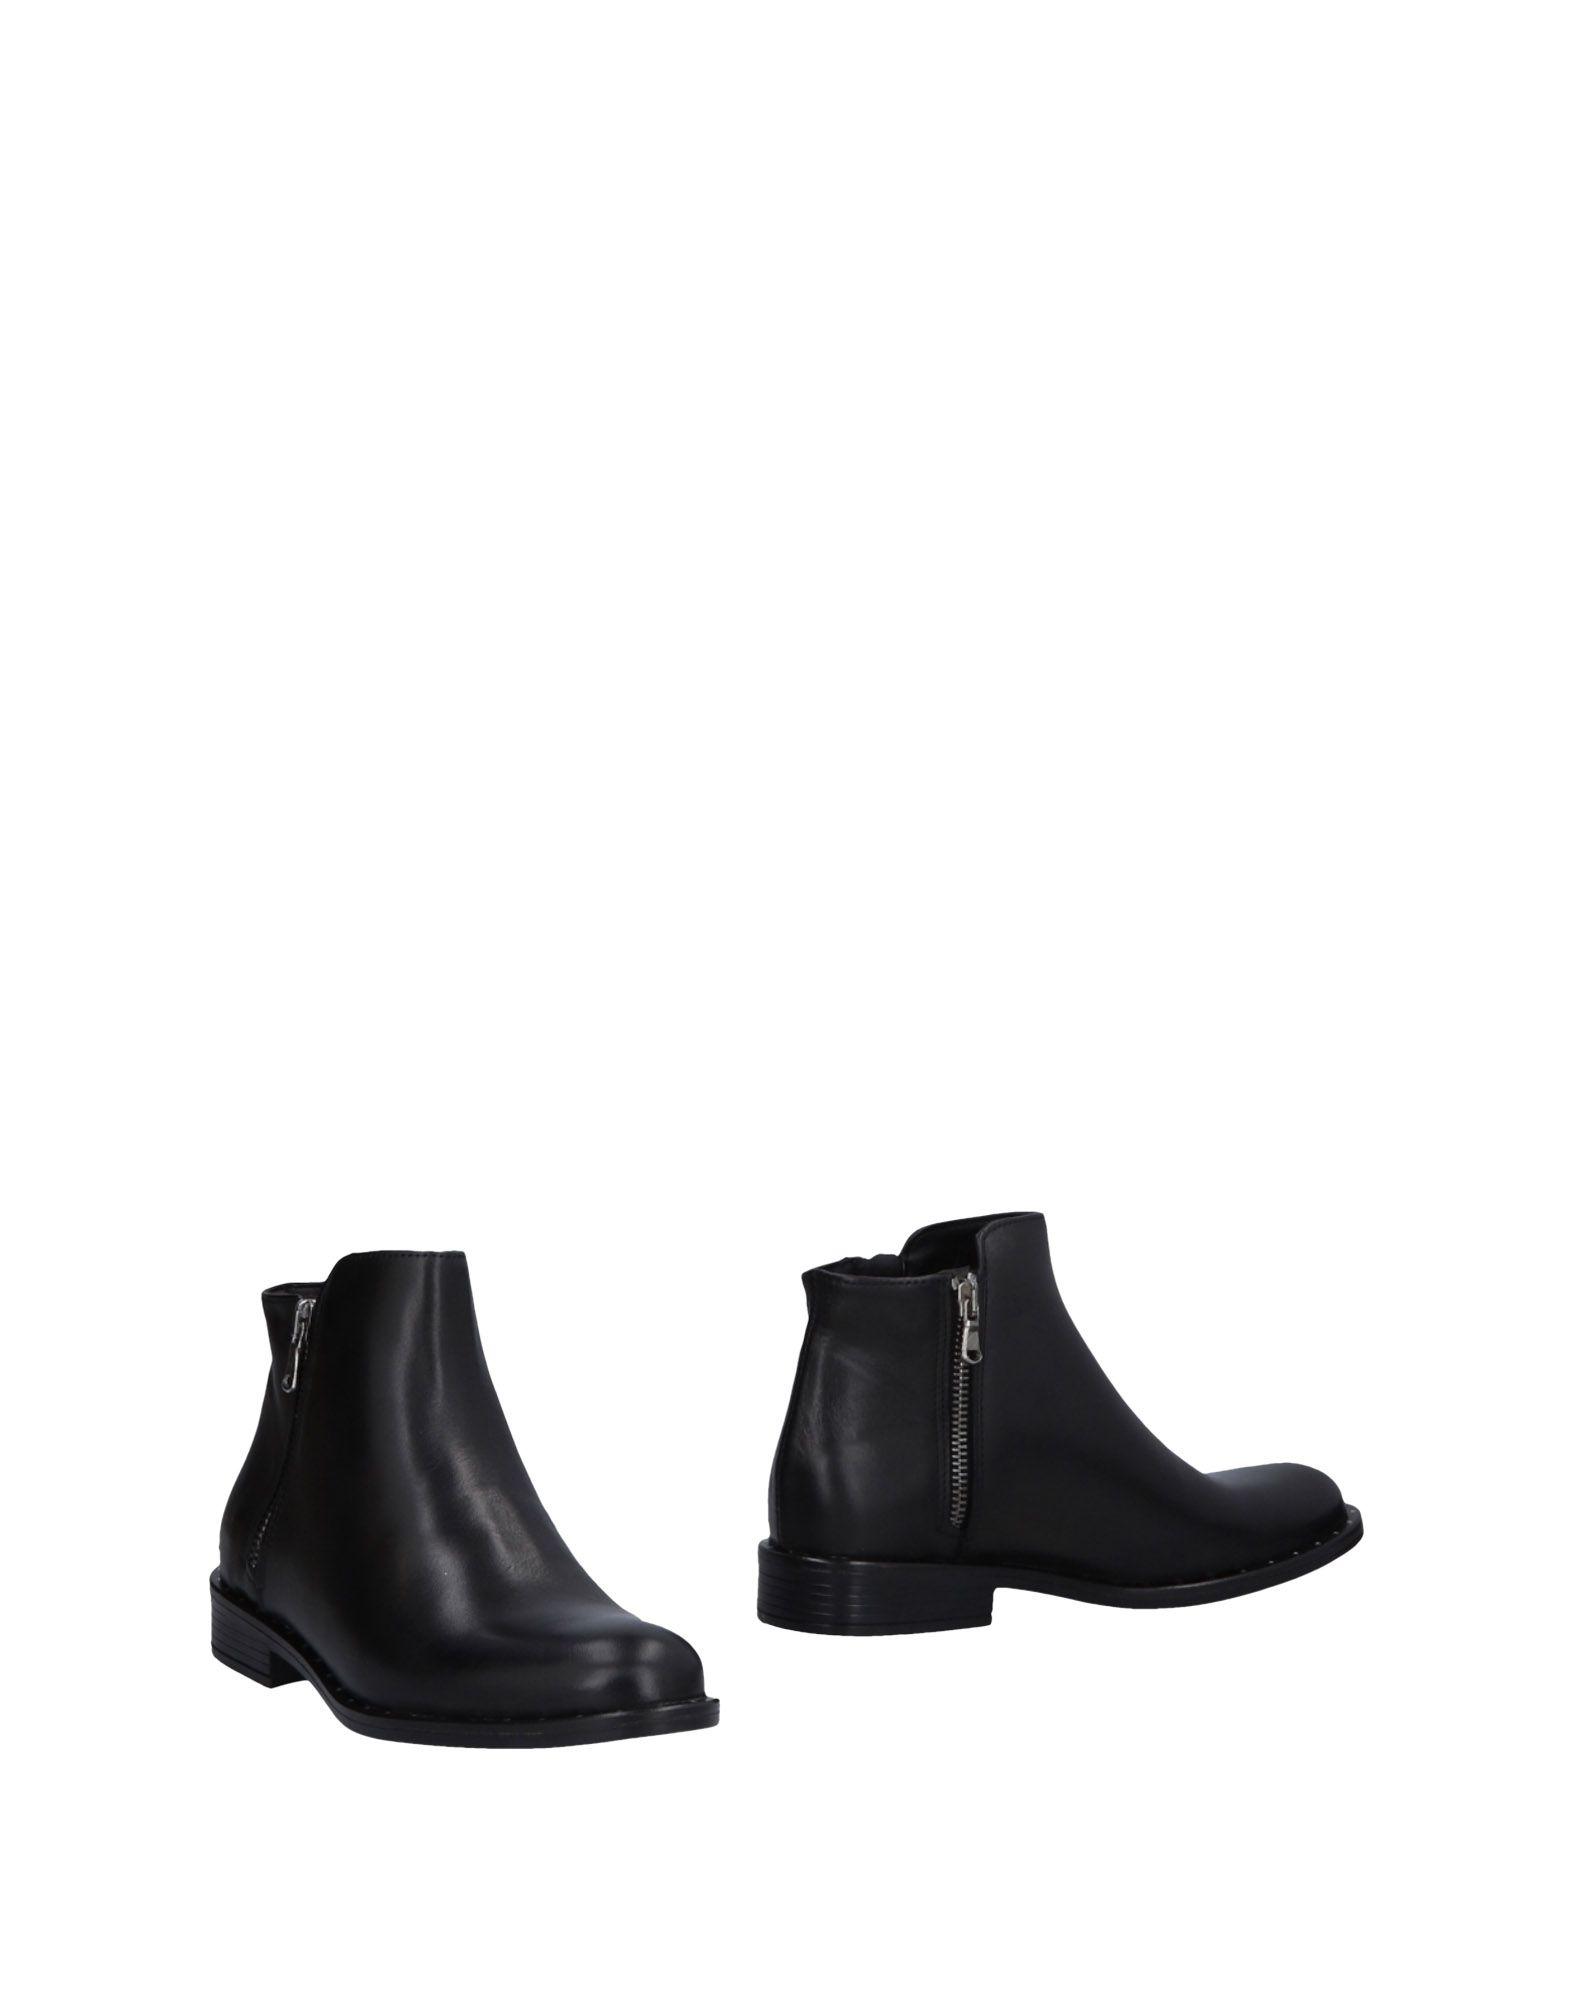 Unlace Stiefelette Damen  11475189JA Gute Qualität beliebte Schuhe